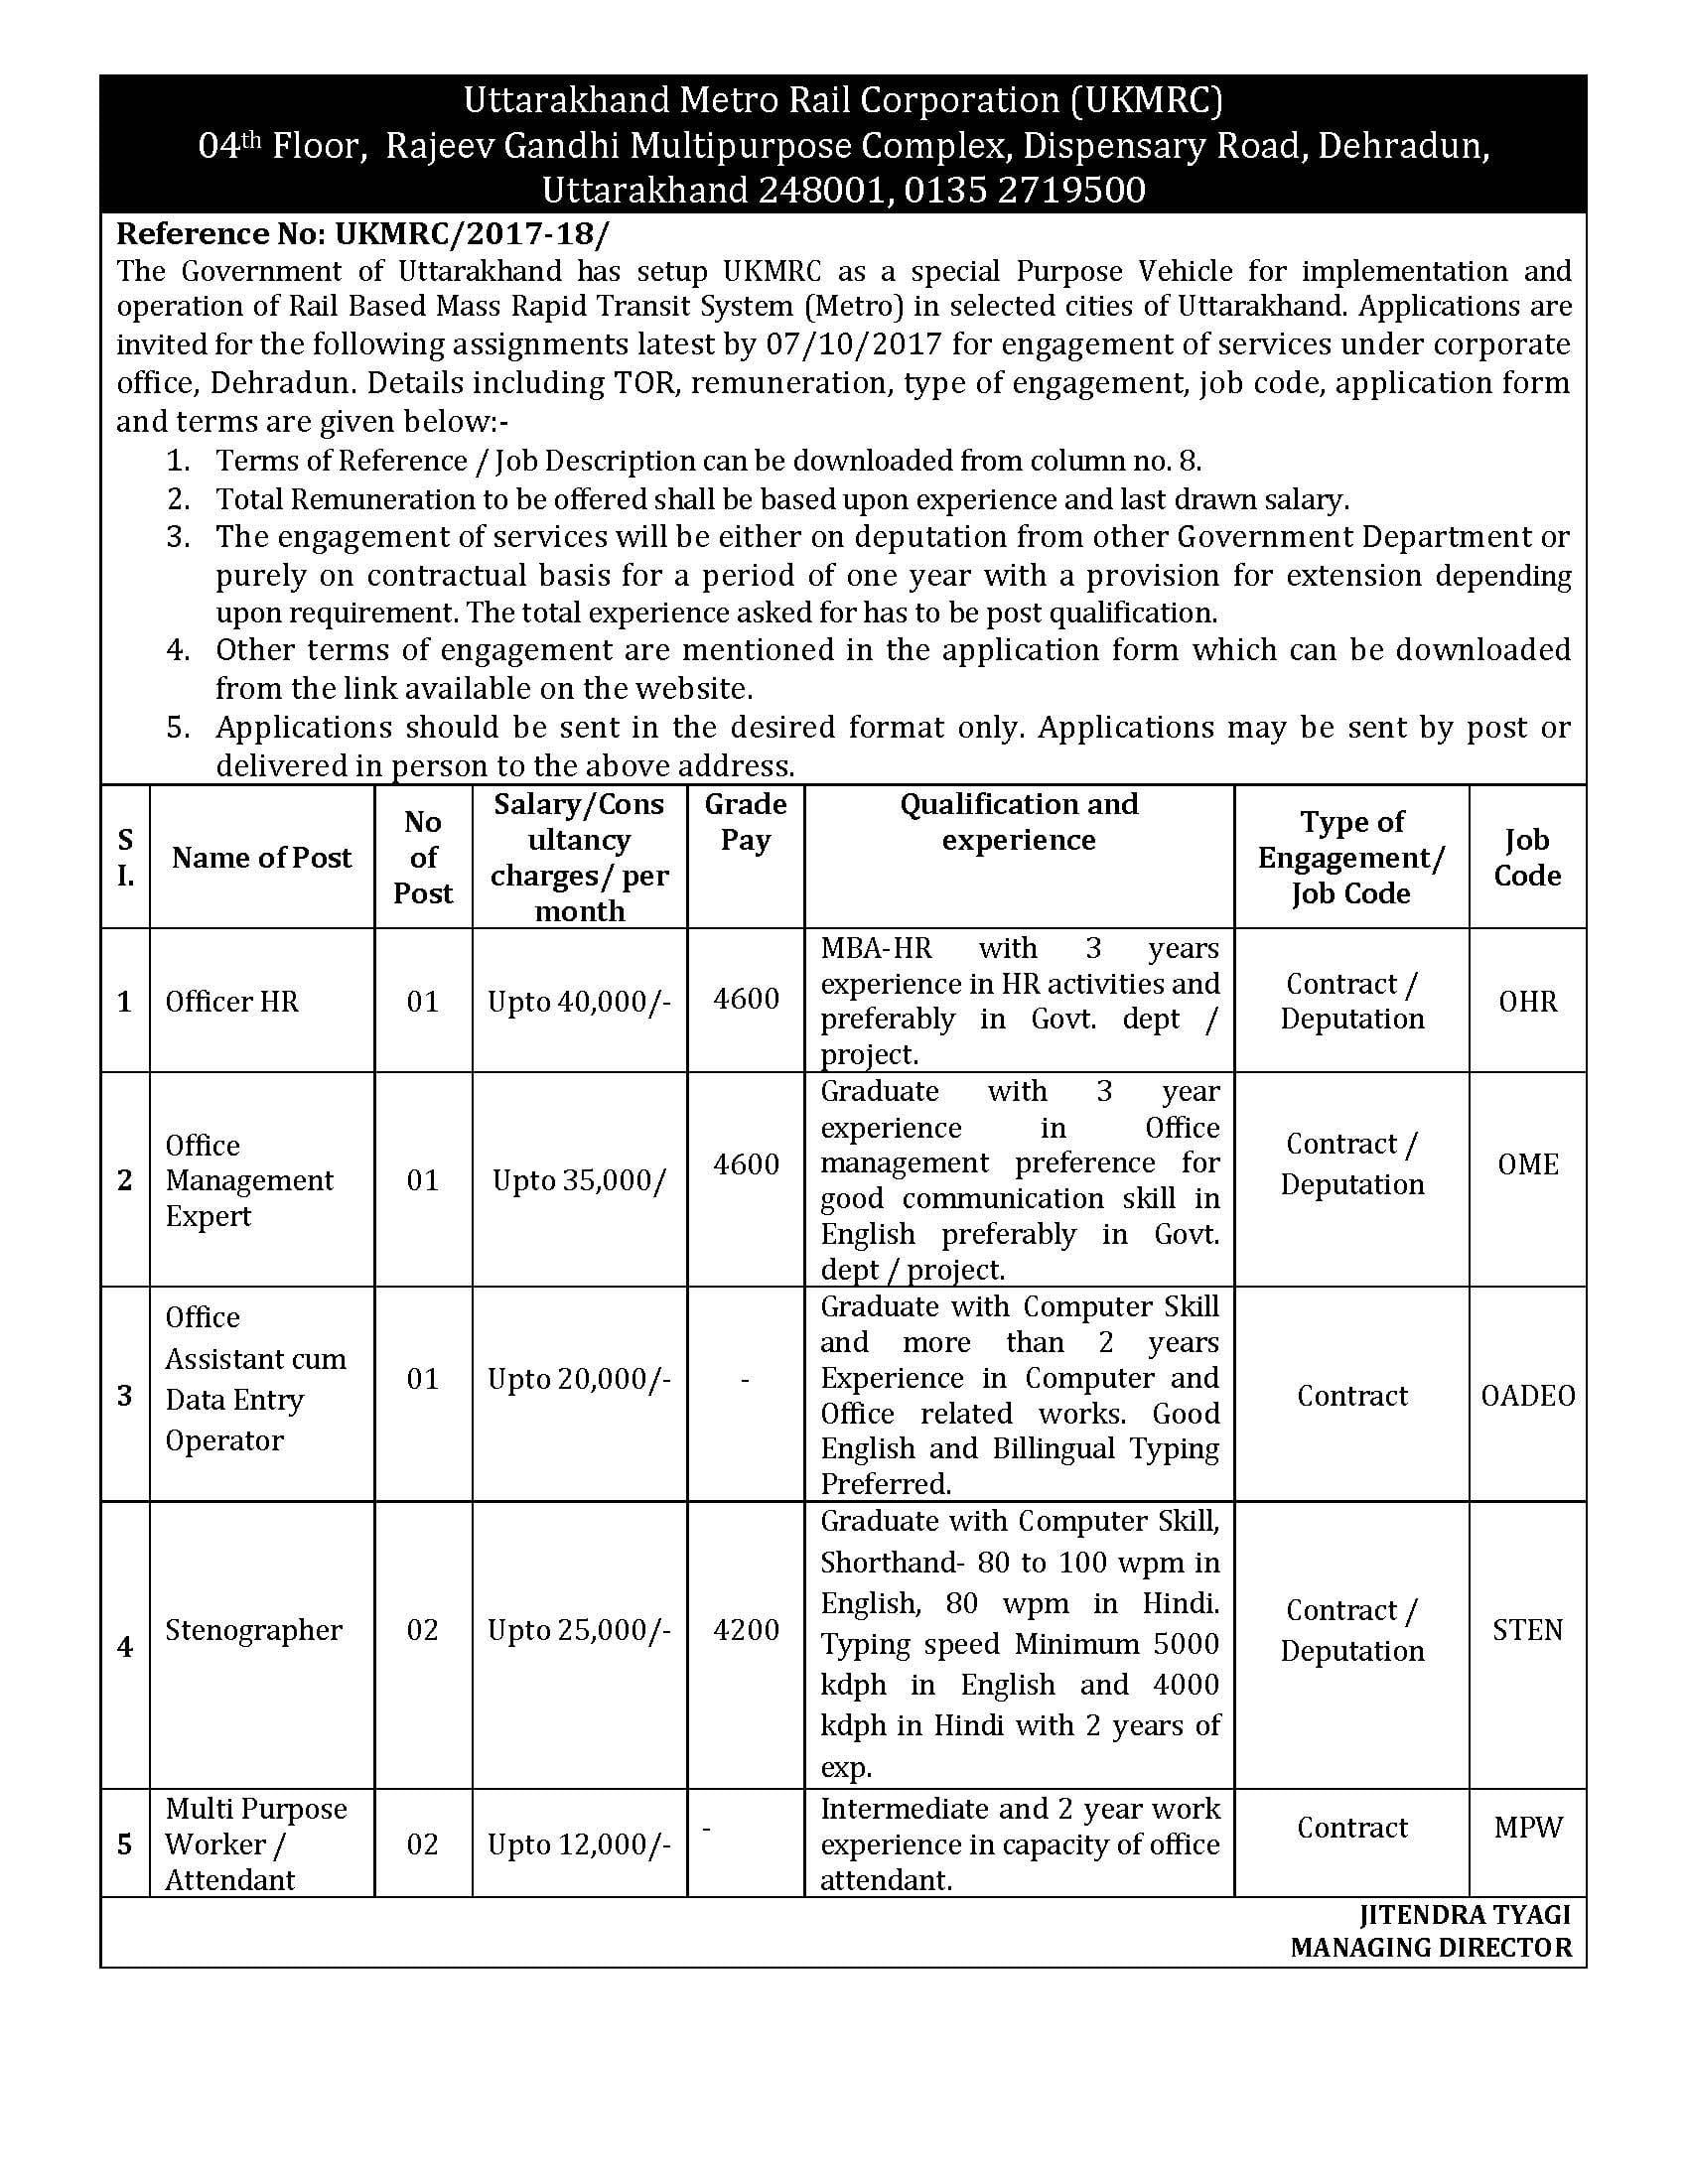 UKMRC Recruitment